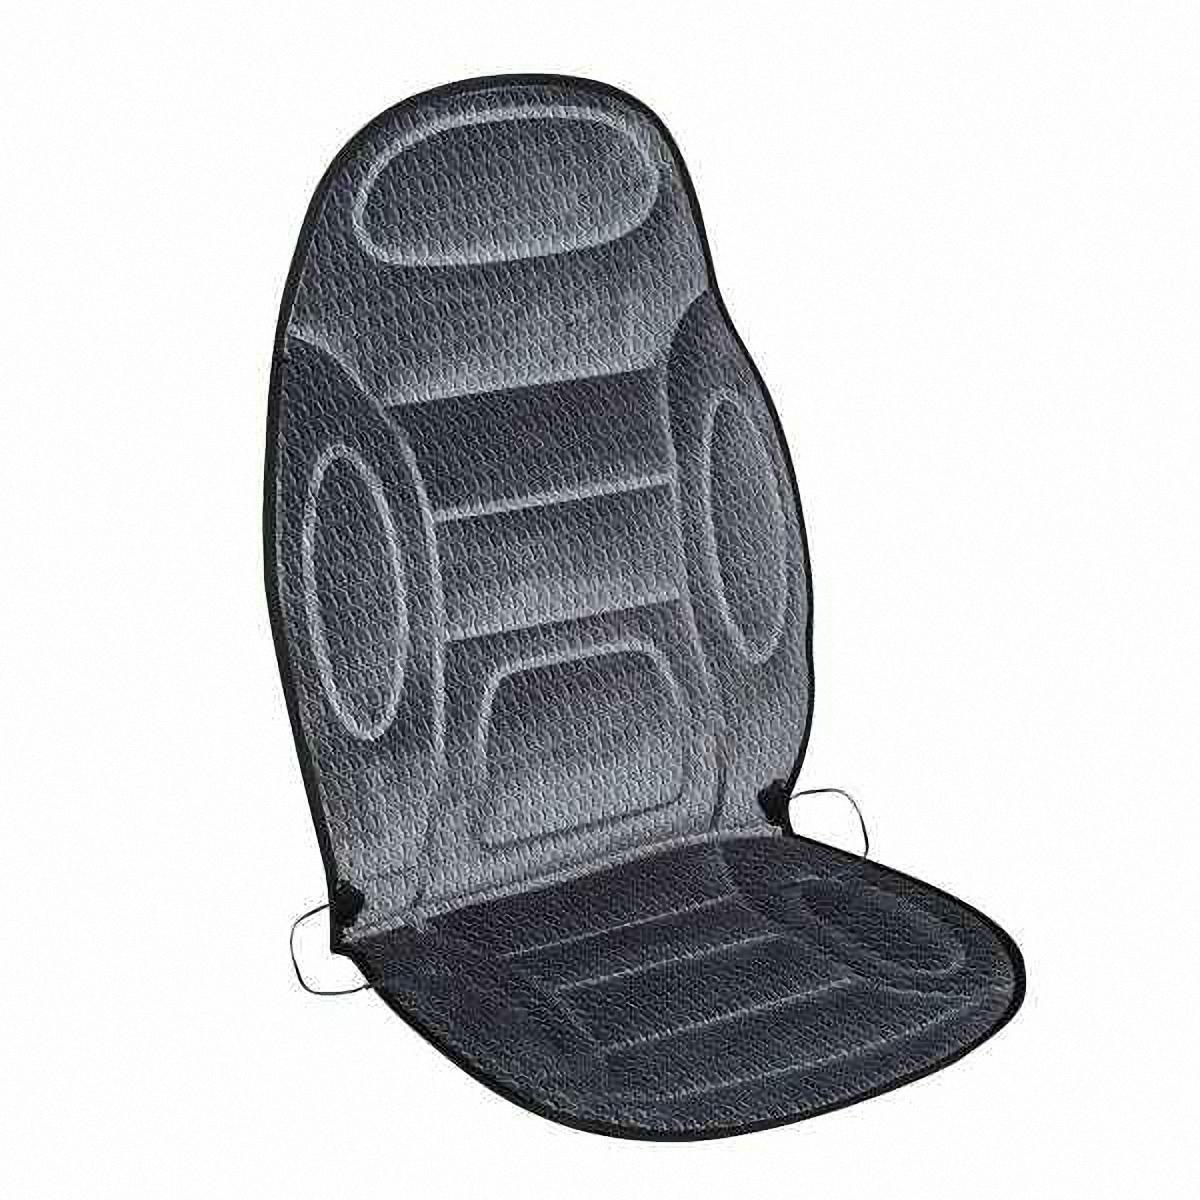 Подогрев для сиденья Skyway, со спинкой, 120 х 51 смCA-3505В подогреве для сиденья Skyway в качестве теплоносителя применяется углеродный материал. Такой нагреватель обладает феноменальной гибкостью и прочностью на разрыв в отличие от аналогов, изготовленных из медного или иного металлического провода.Особенности:- Универсальный размер.- Снижает усталость при управлении автомобилем.- Обеспечивает комфортное вождение в холодное время года.- Простая и быстрая установка.- Умеренный и интенсивный режим нагрева.- Терморегулятор для изменения интенсивности нагрева.- Защита крепления шнура питания к подогреву.Устройство подключается к прикуривателю на 12V.